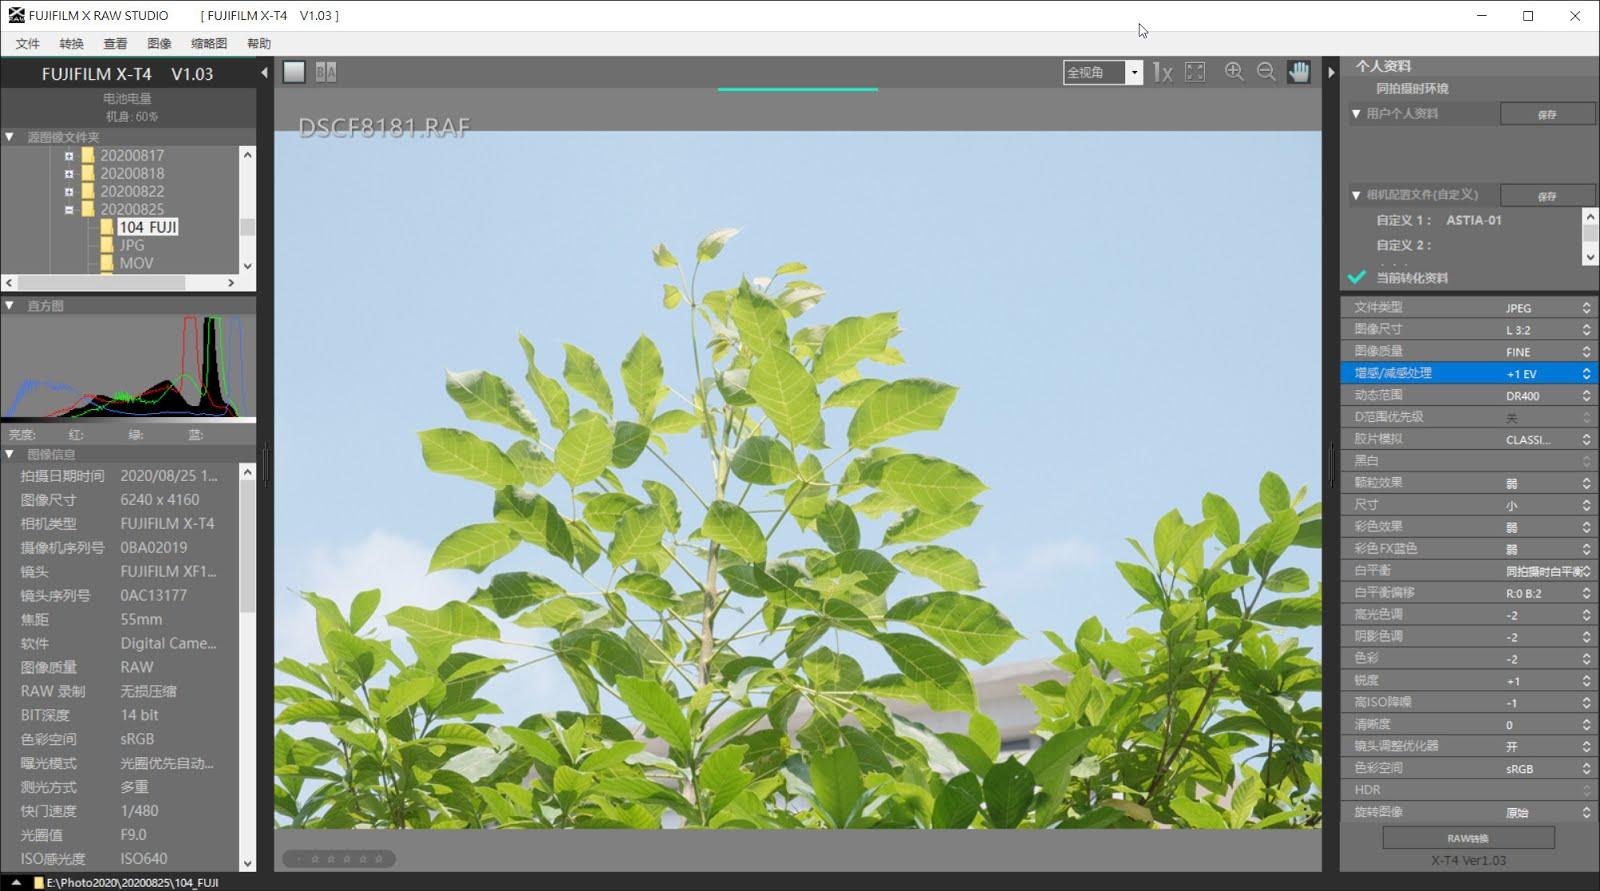 關於相片風格的直出--FUJIFILM X RAW STUDIO ~ 愛攝影